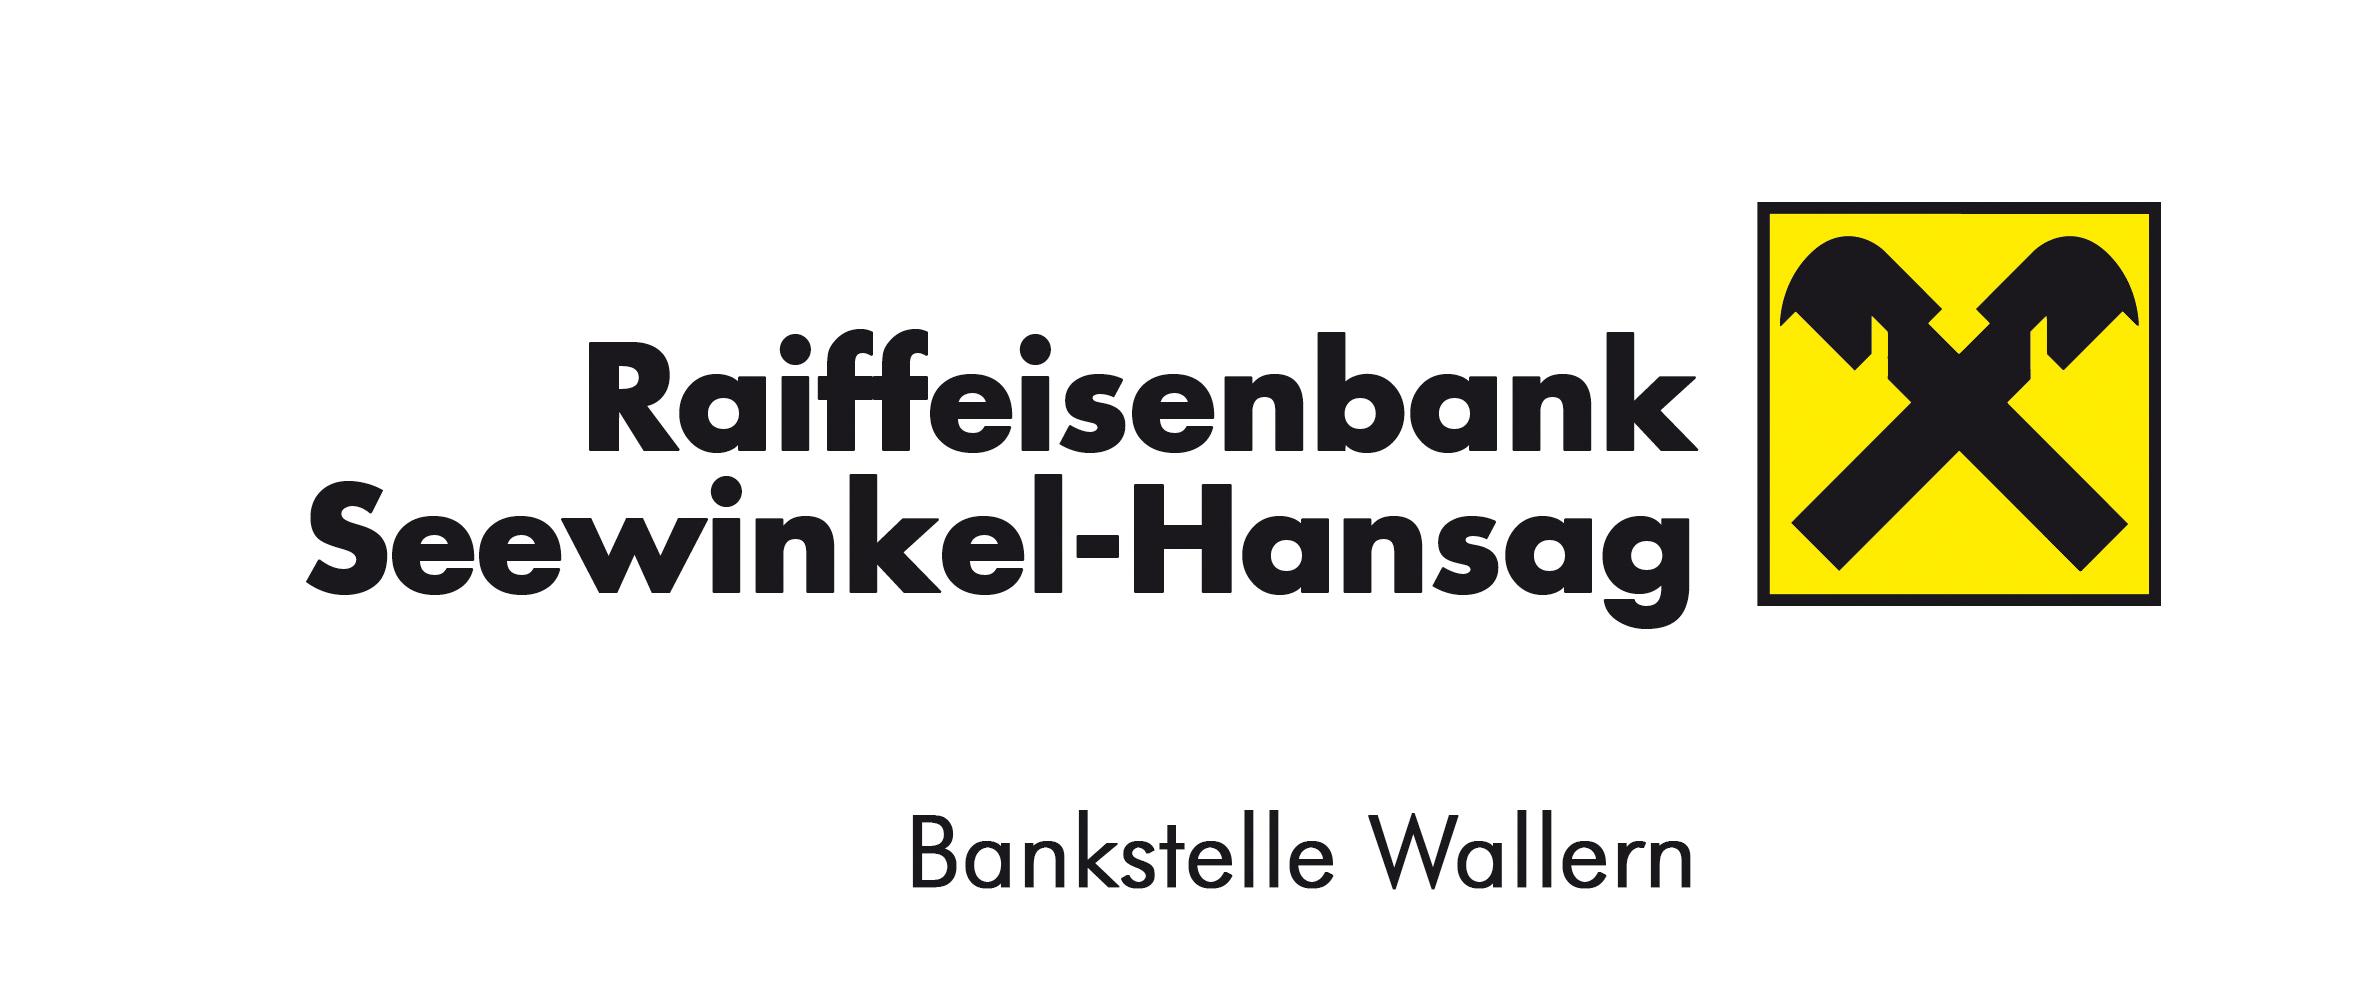 Raiffeisenbank Seewinkel-Hansag